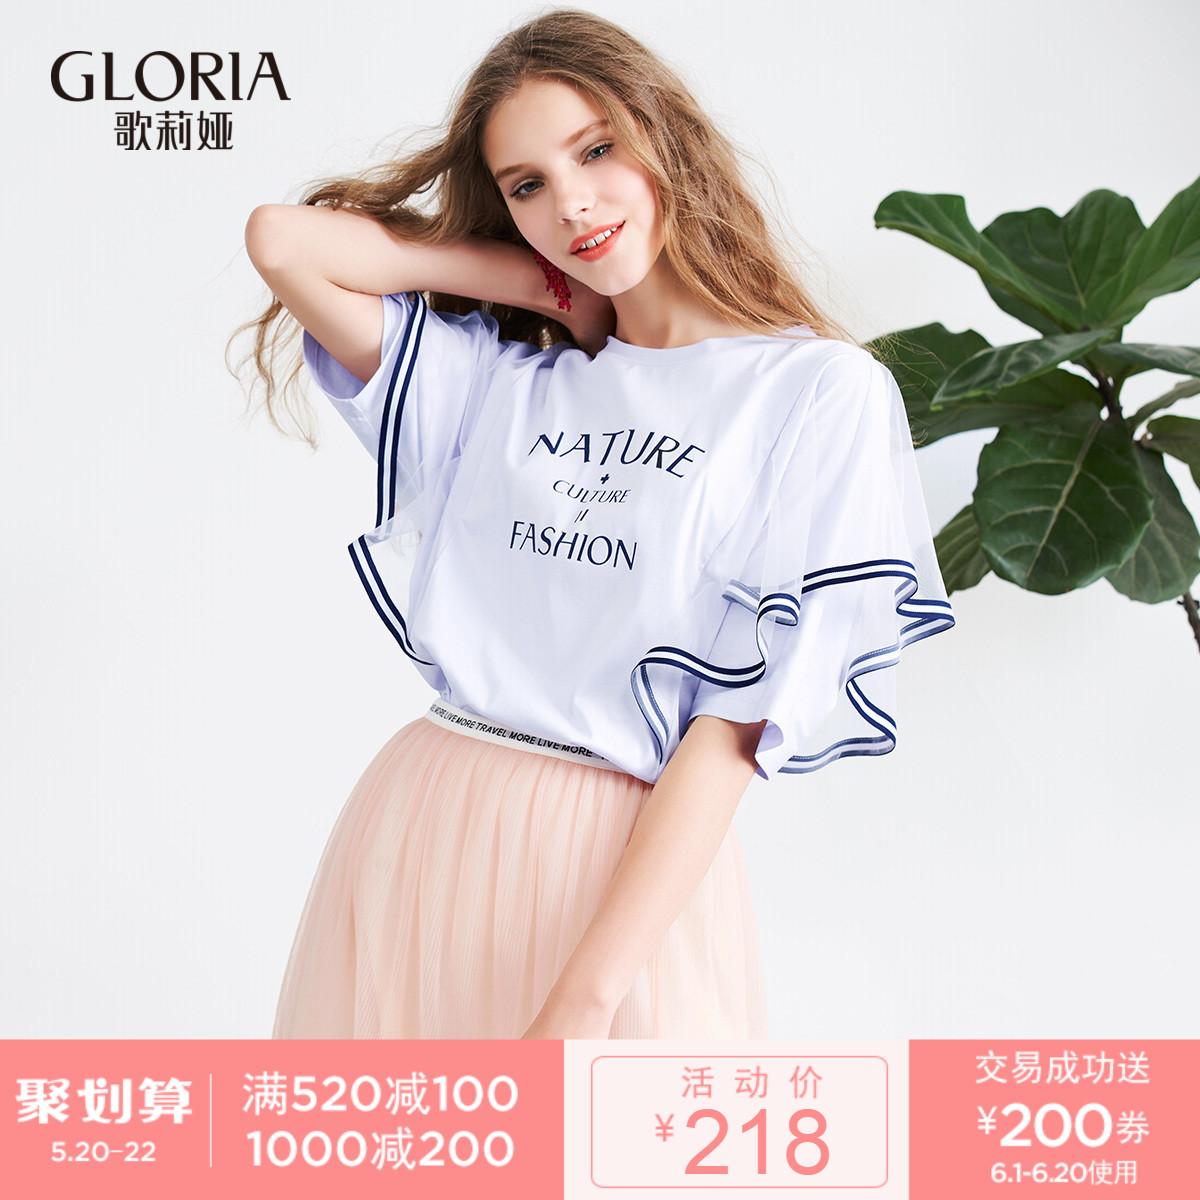 歌莉娅女装 GLORIA歌莉娅2018新品棉拼接网纱荷叶边T恤183E0B010_推荐淘宝好看的歌莉娅